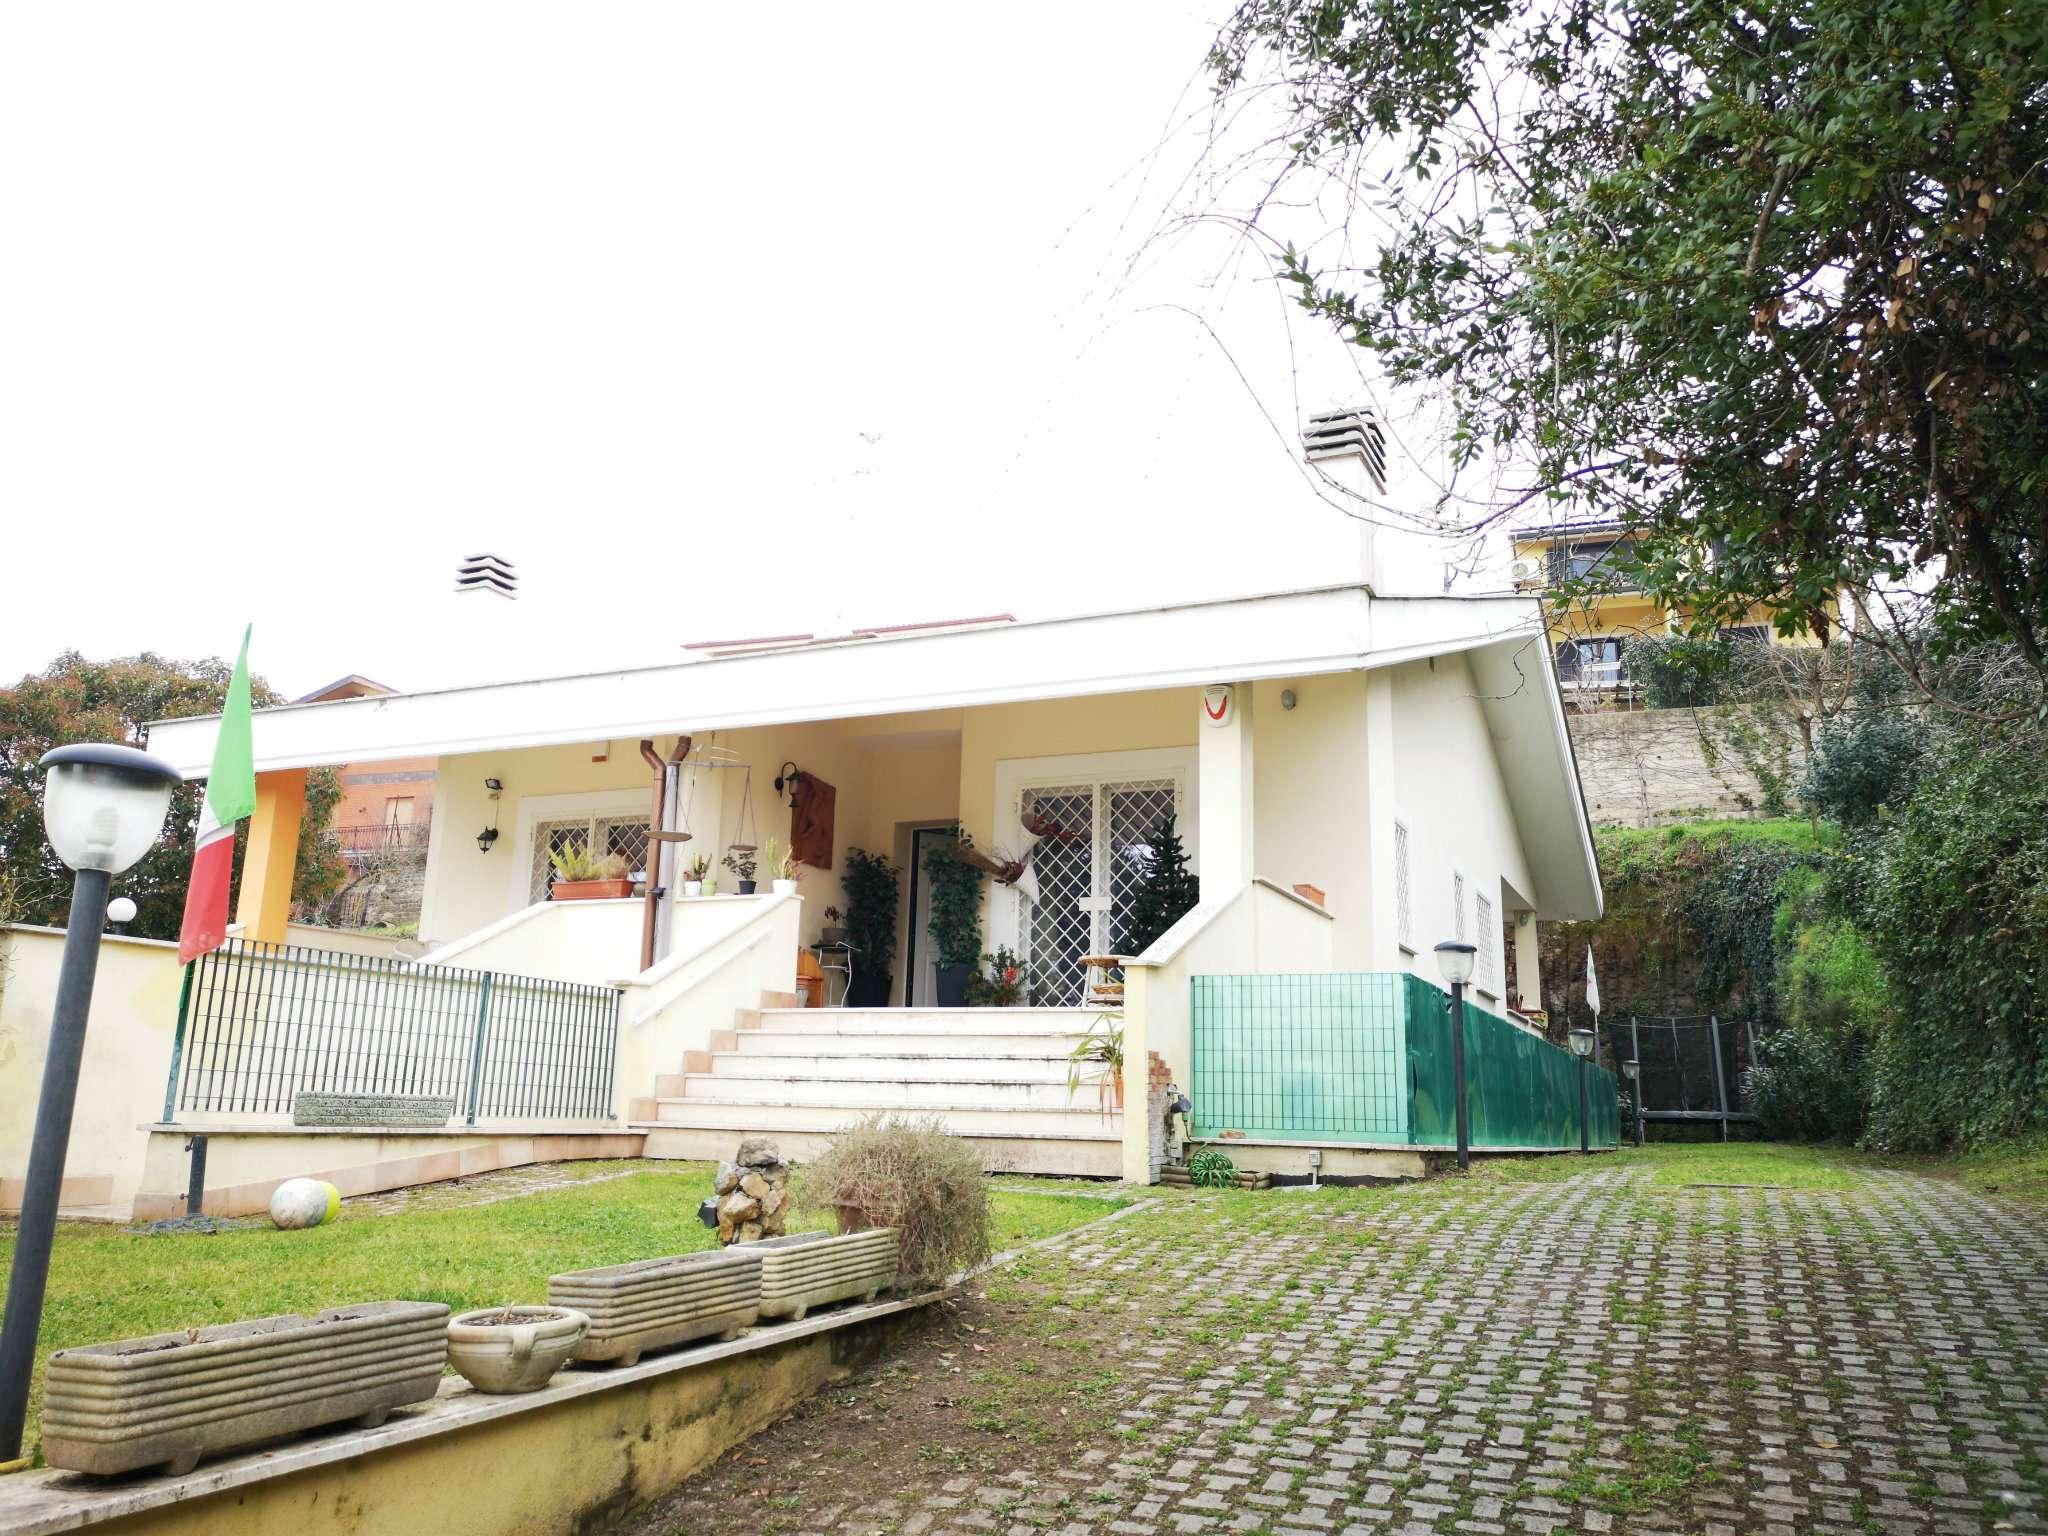 Villa Bifamiliare in vendita a Roma, 5 locali, zona Zona: 21 . Laurentina, prezzo € 470.000 | CambioCasa.it